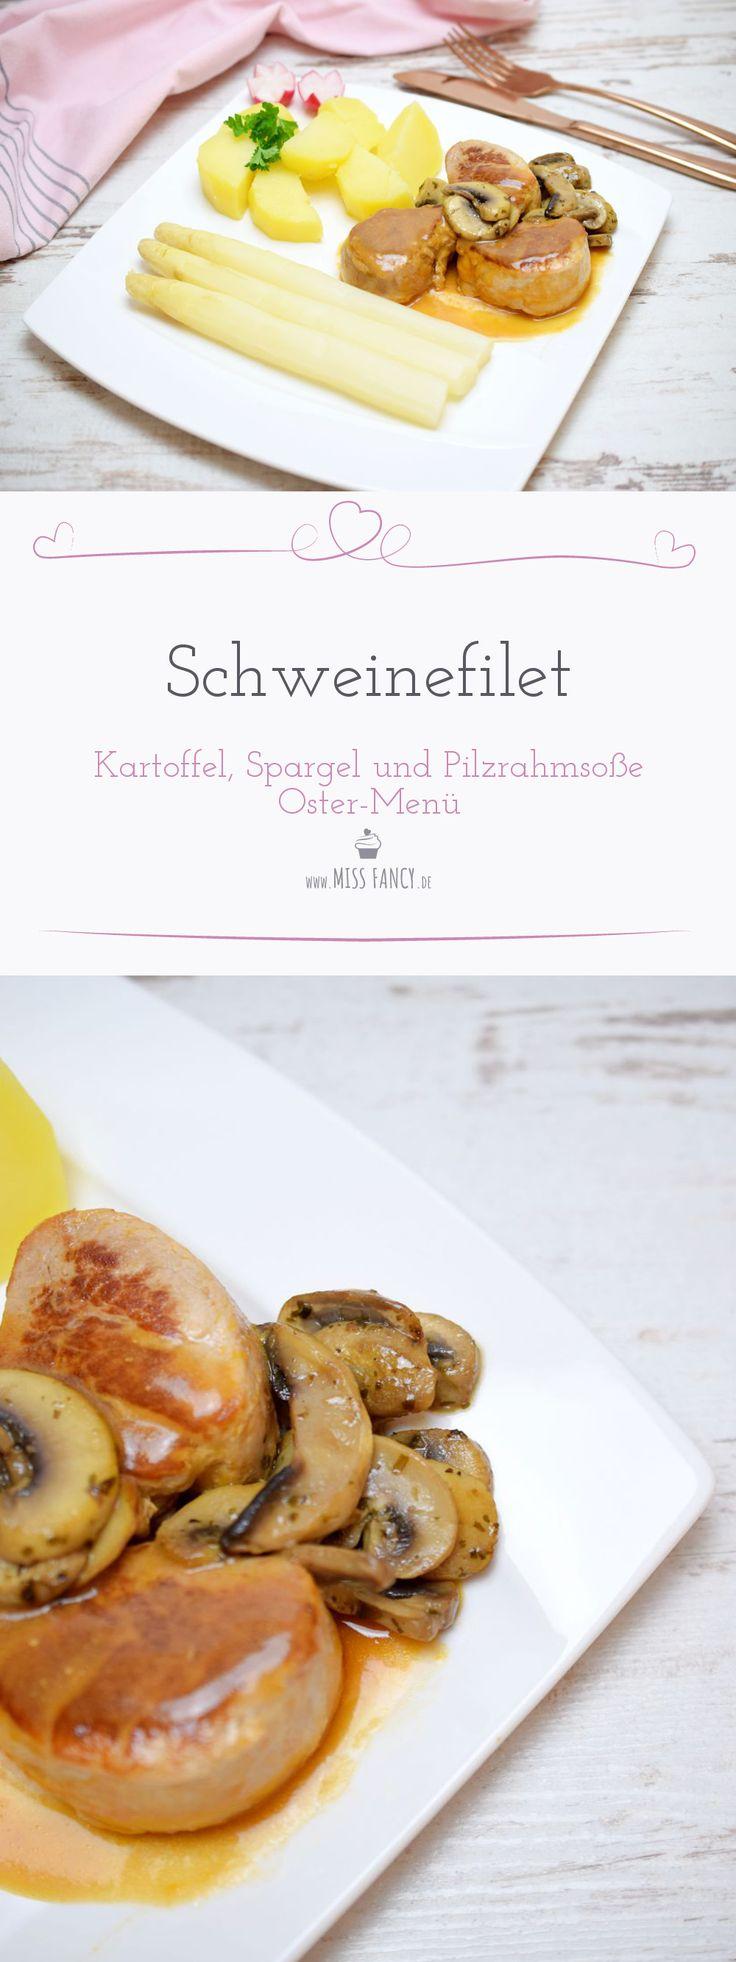 Oster-Menü Schweinefleisch mit Kartoffeln, Spargel und leckerer Pilzrahmsoße